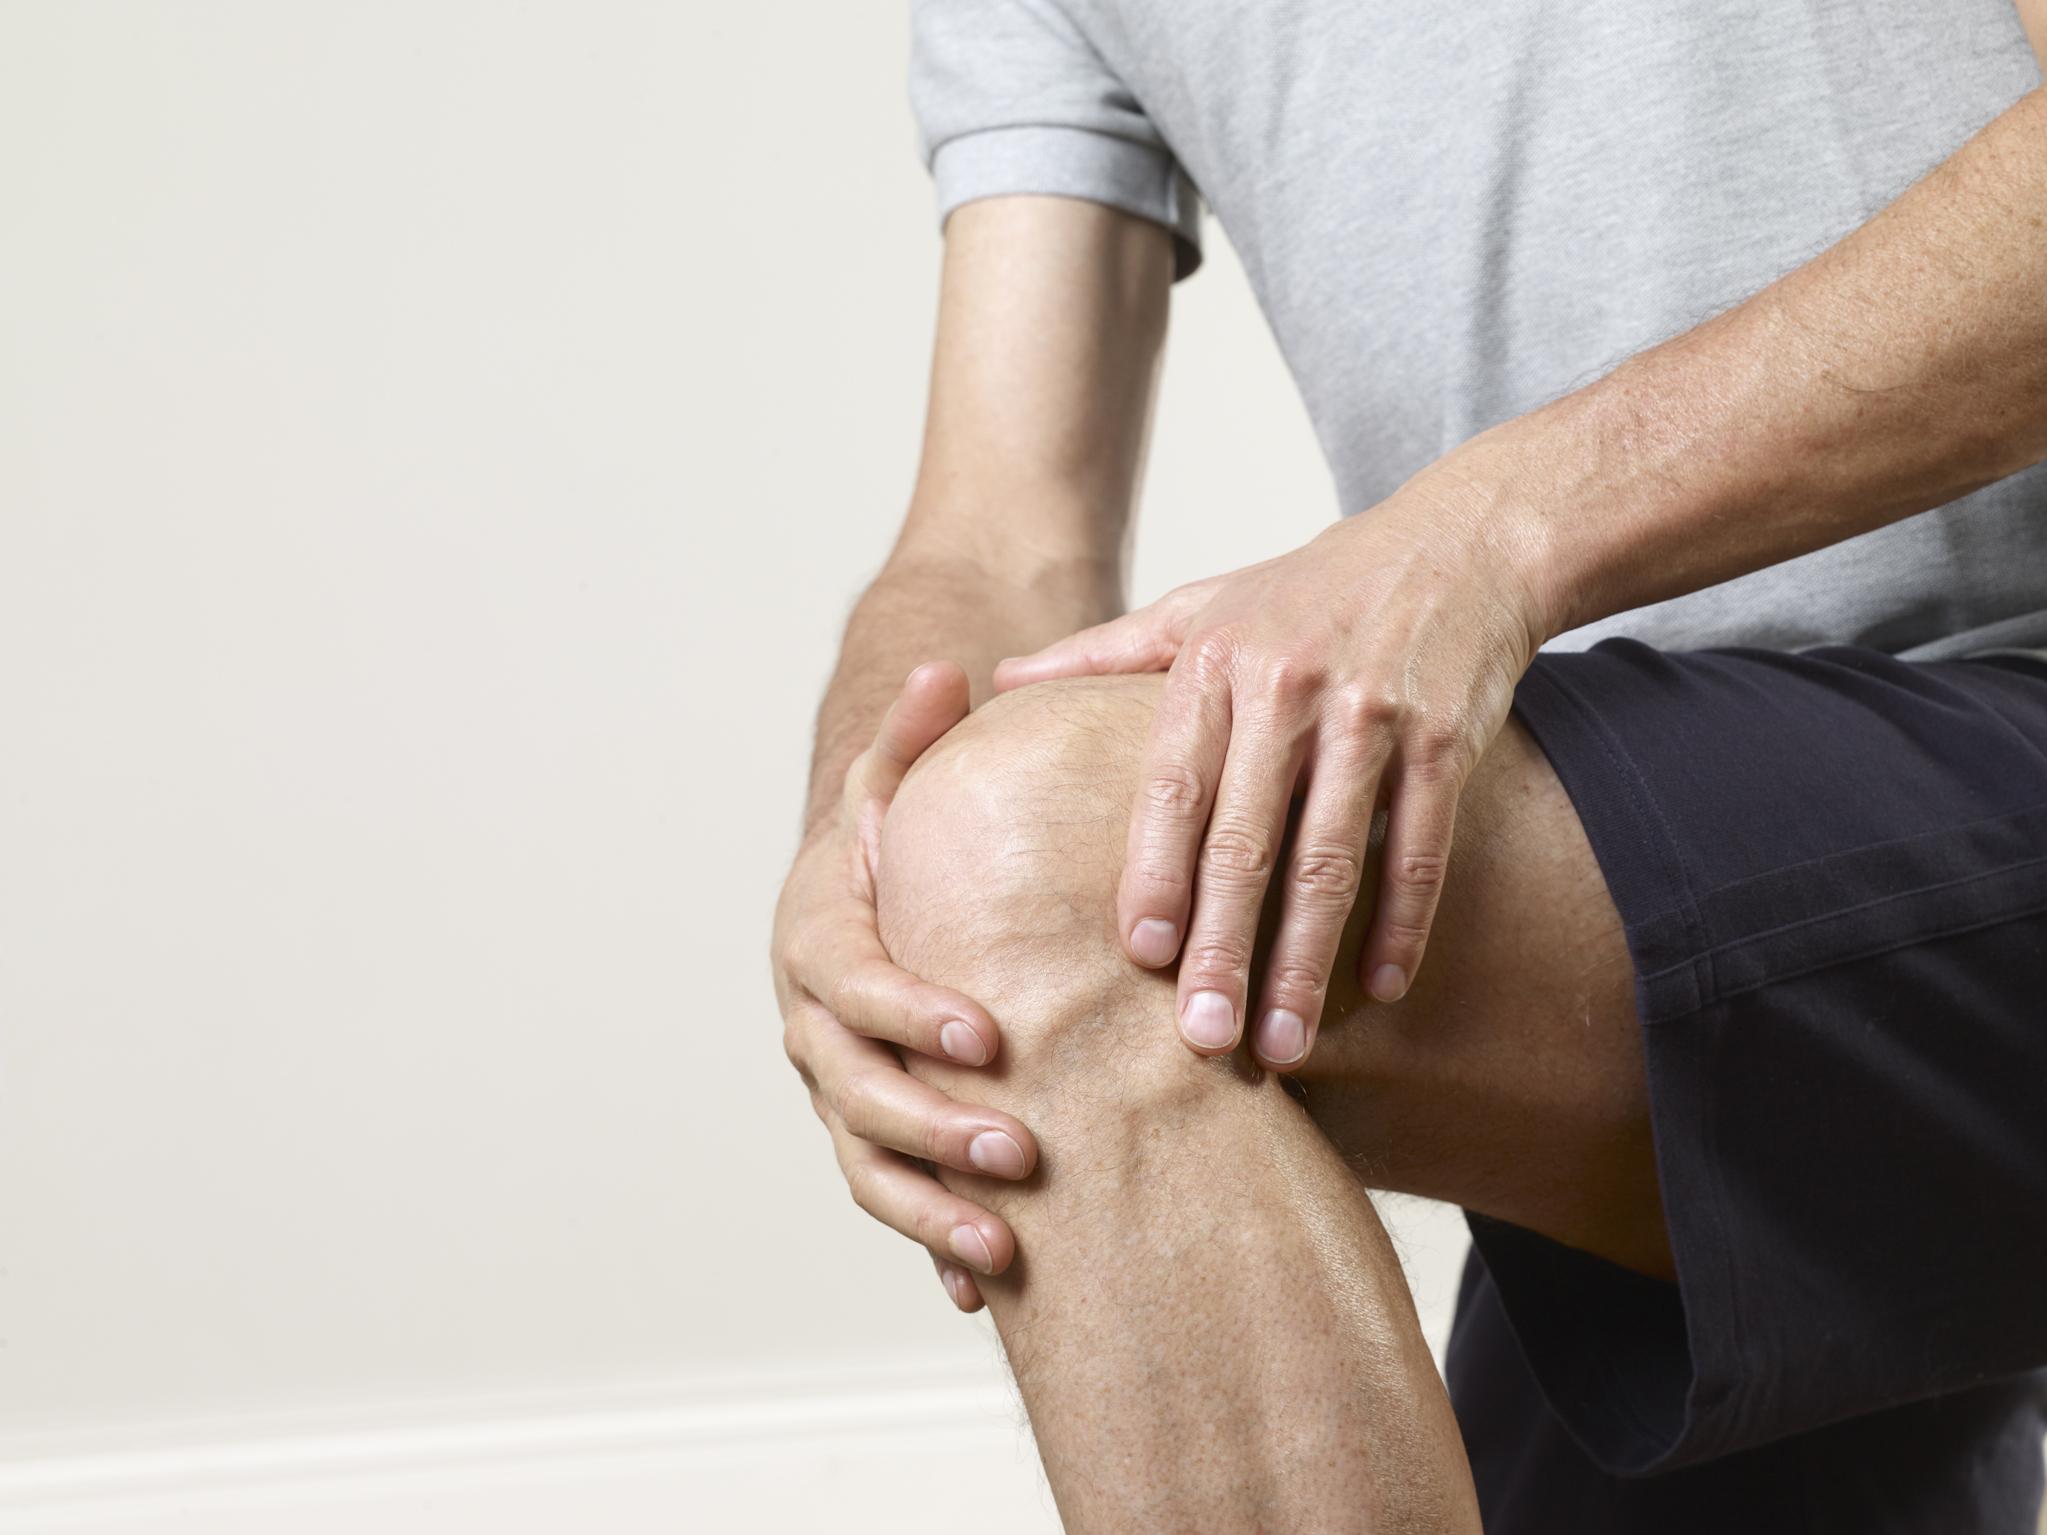 Болят суставы рук и ног: что делать, причины и лечение ноющей боли